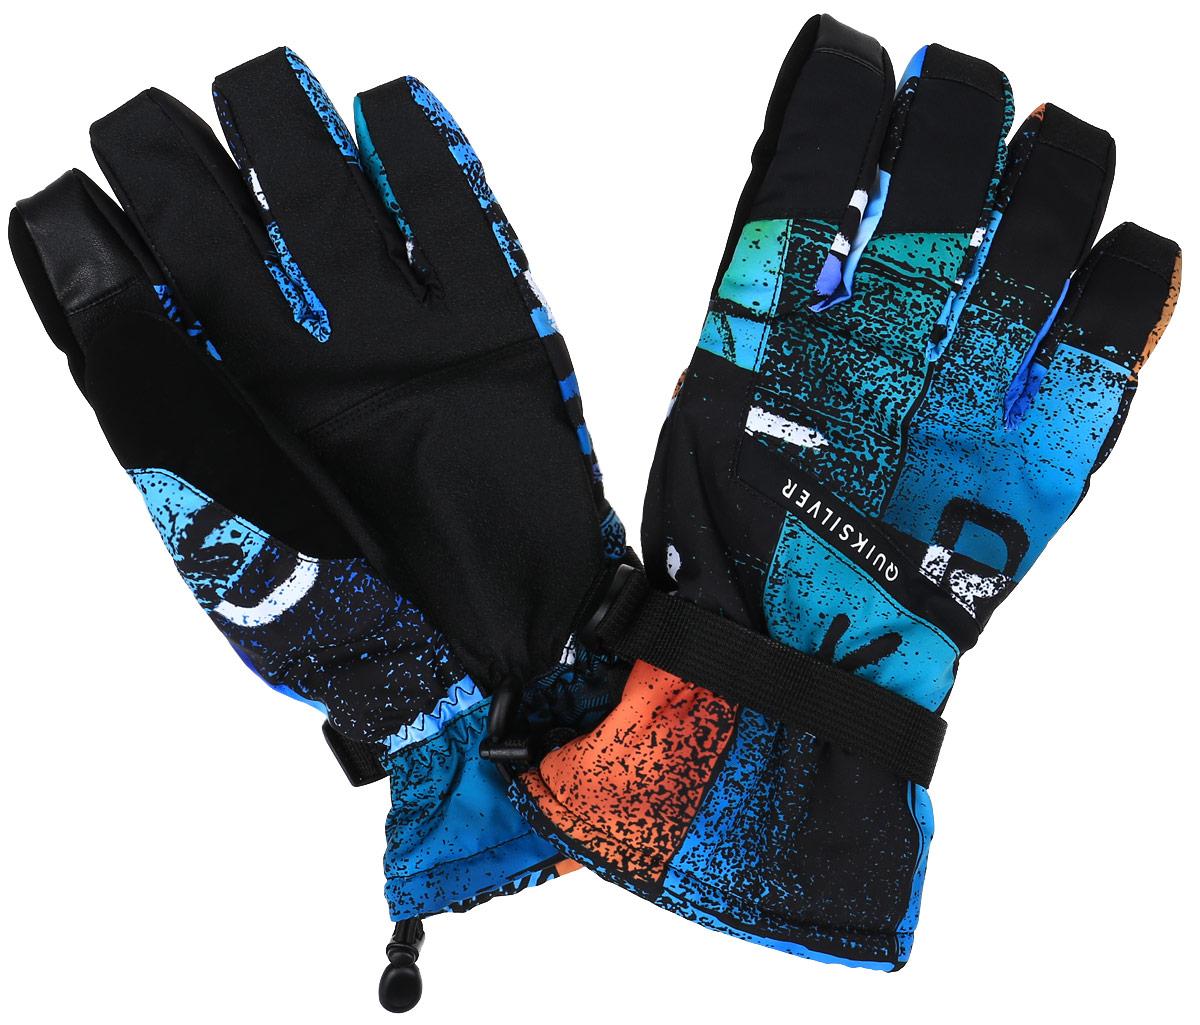 ПерчаткиEQYHN03047-BYB8Мужские перчатки Mission из новой сноубордической коллекции Quiksilver предназначены для занятий активными видами спорта. Внешний слой перчаток изготовлен из полиэстера и полиуретана с водостойким покрытием, на ладони и большом пальце - полиуретановый кожзаменитель. Запястье на застежке с удобной регулировкой. Перчатки станут великолепным дополнением вашего образа и защитят ваши руки от холода и ветра во время занятий спортом.